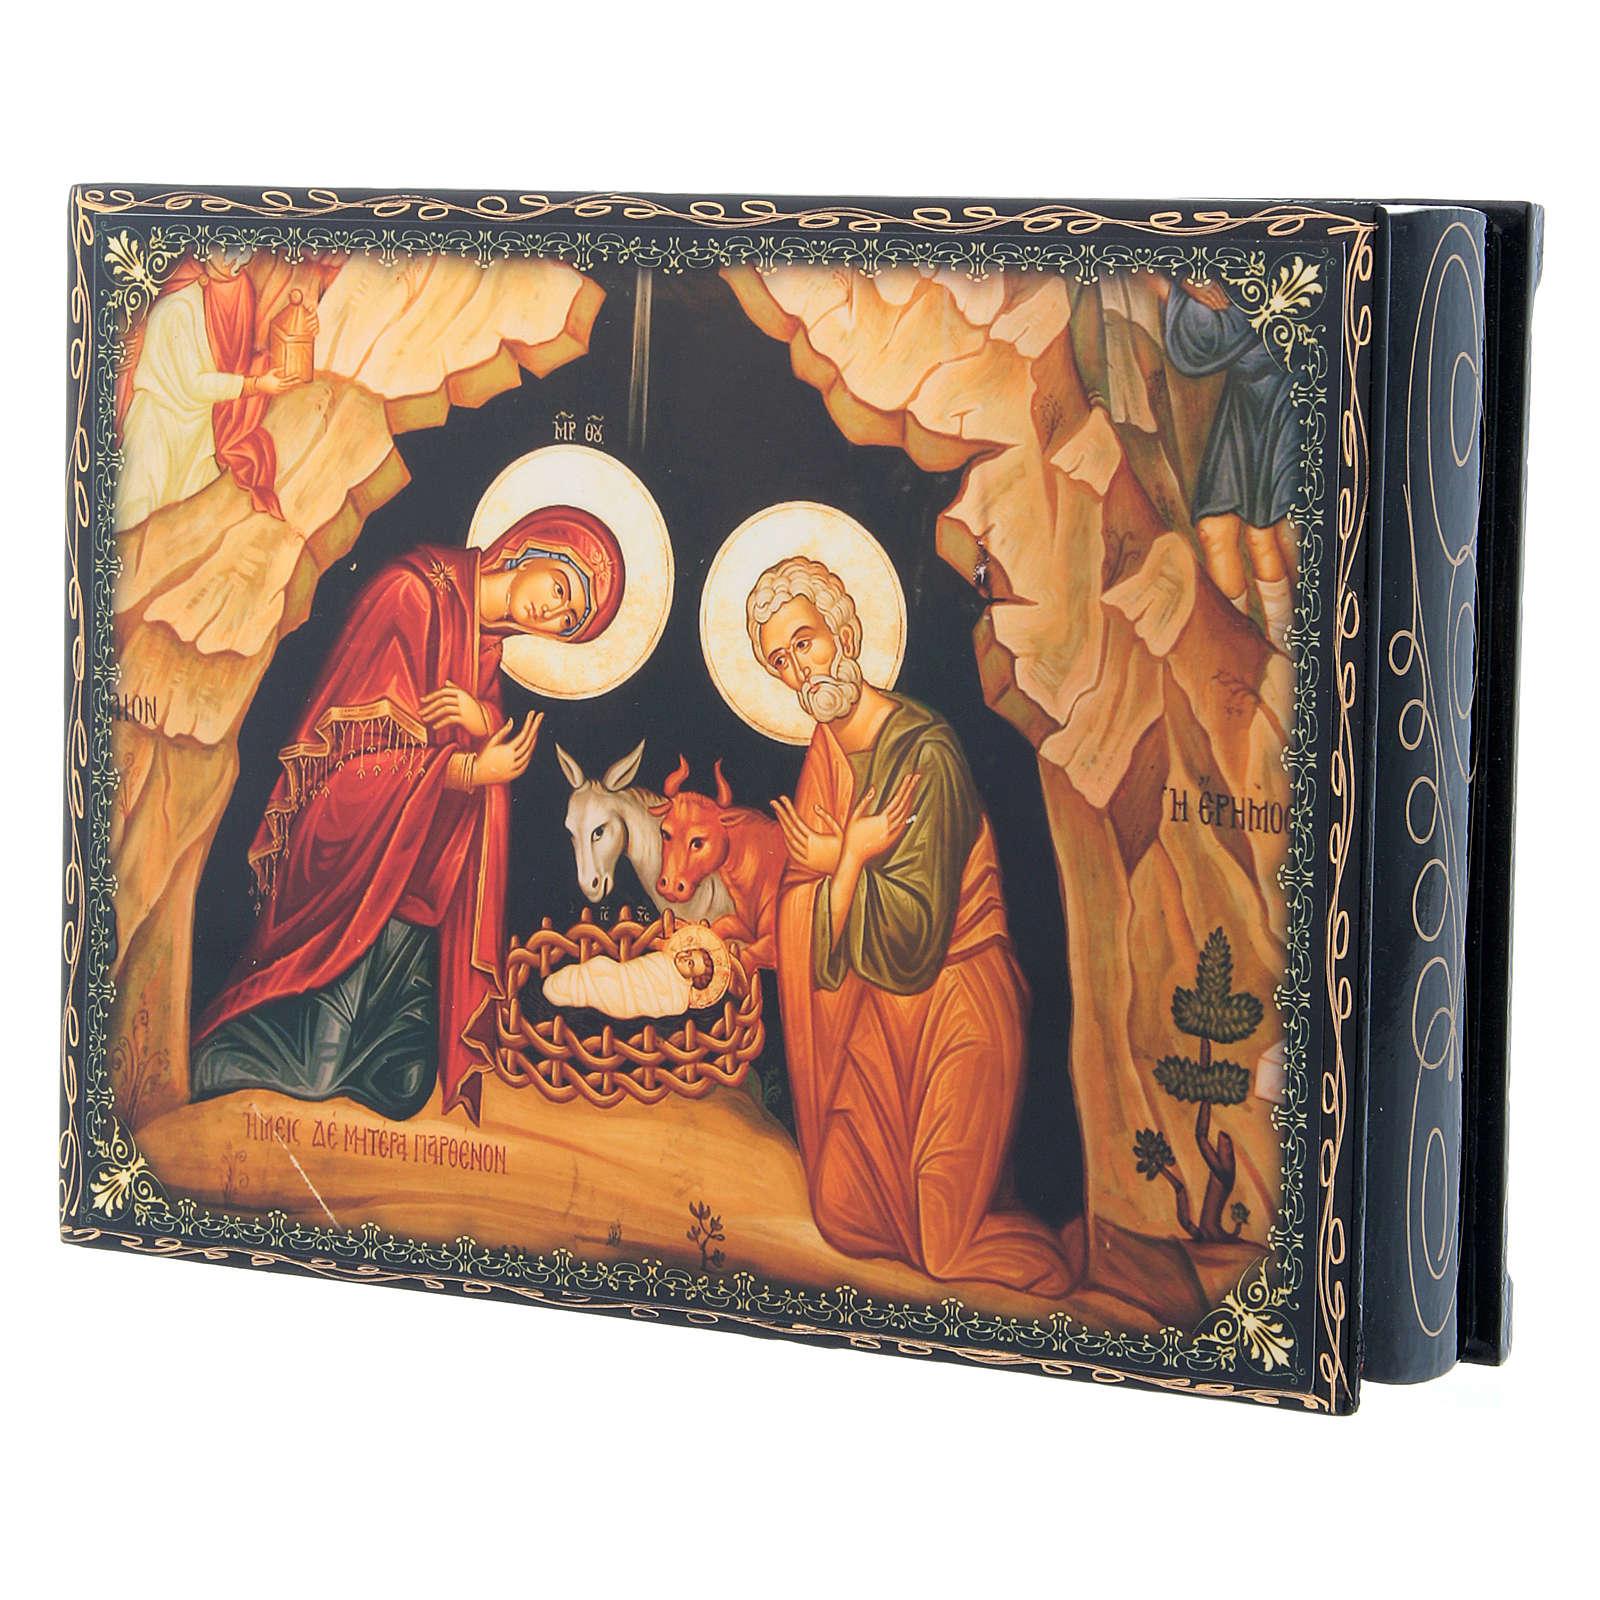 Caixa russa papel-machê decorada Nascimento de Jesus Cristo 22x16 cm 4